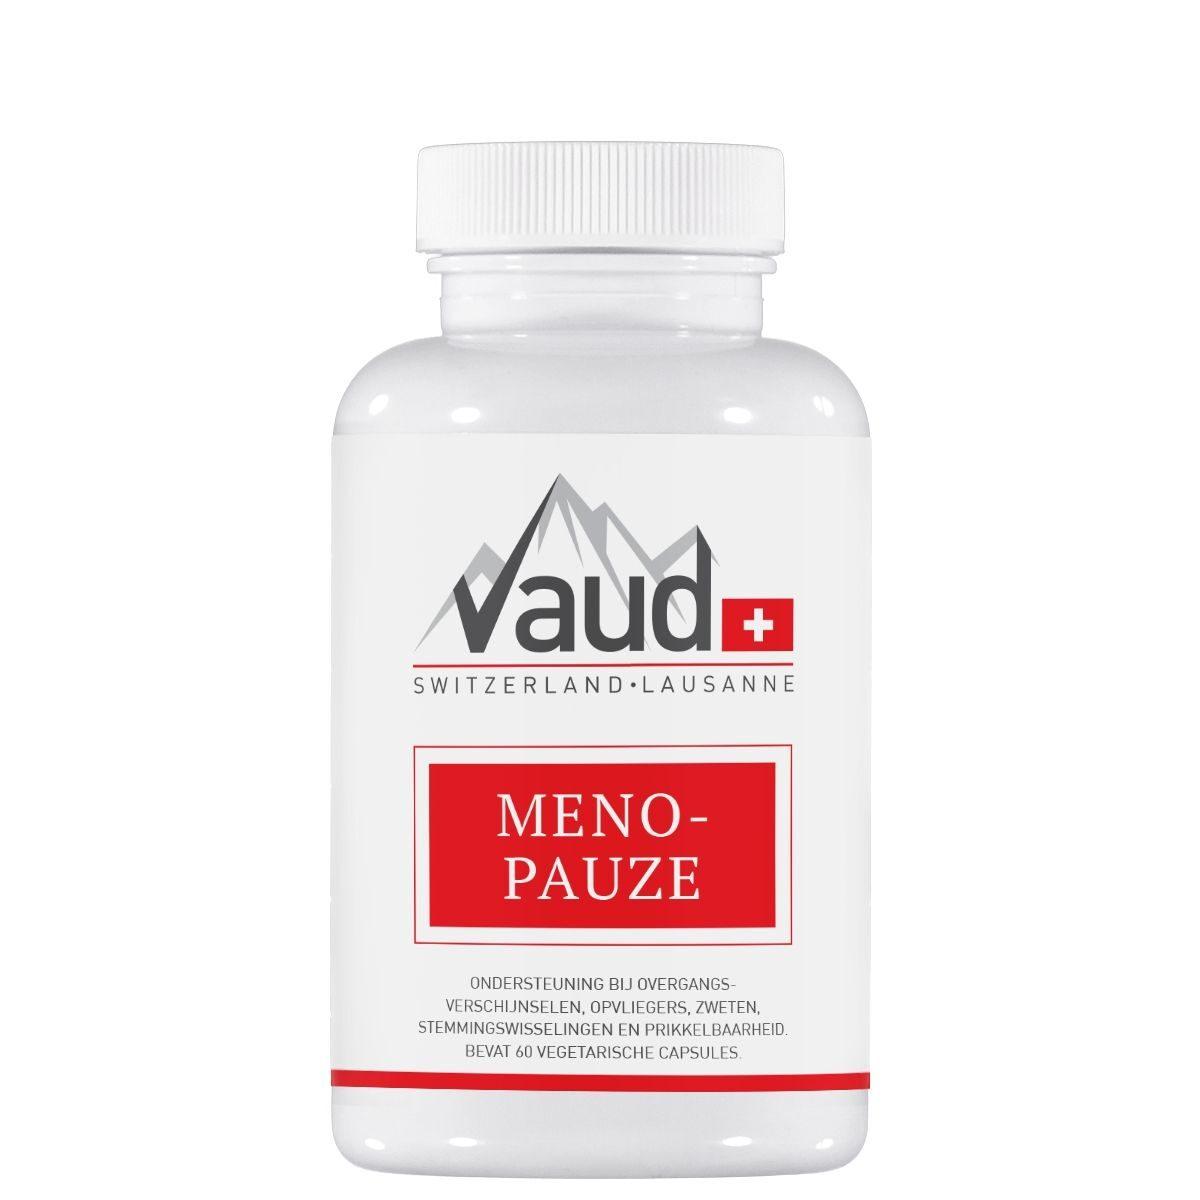 menopauze-vaud